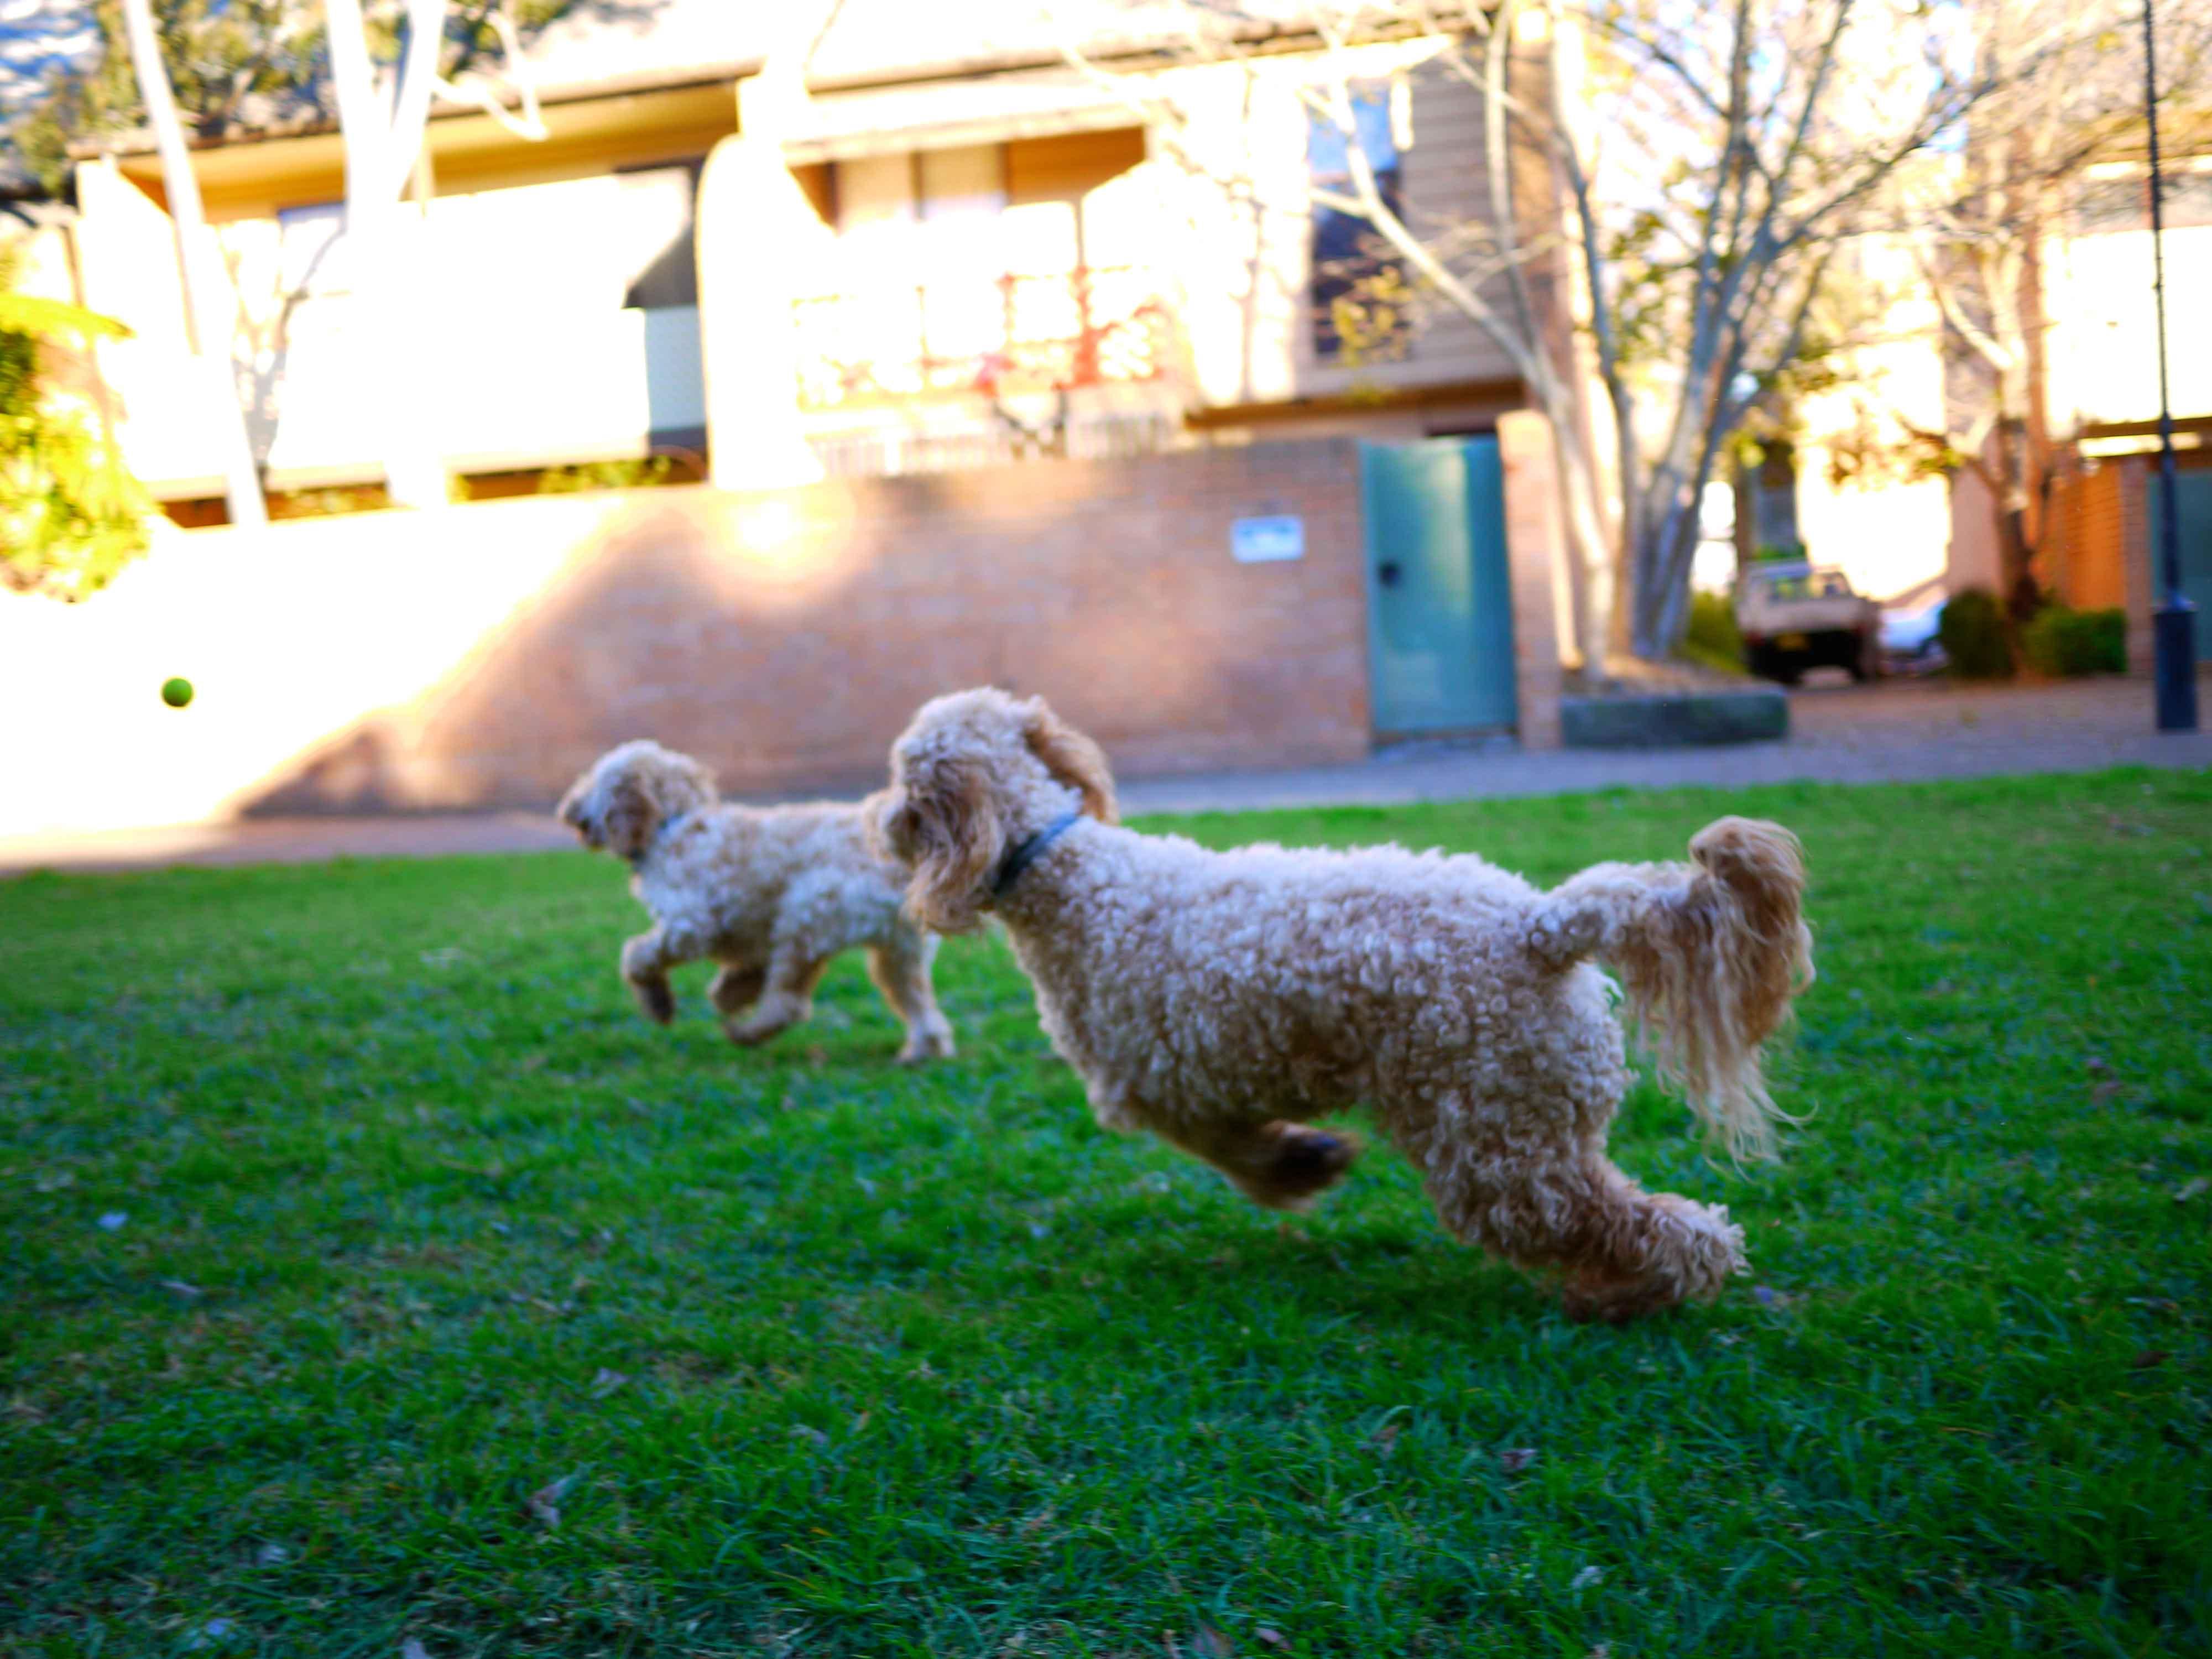 Woolloomooloo dog park